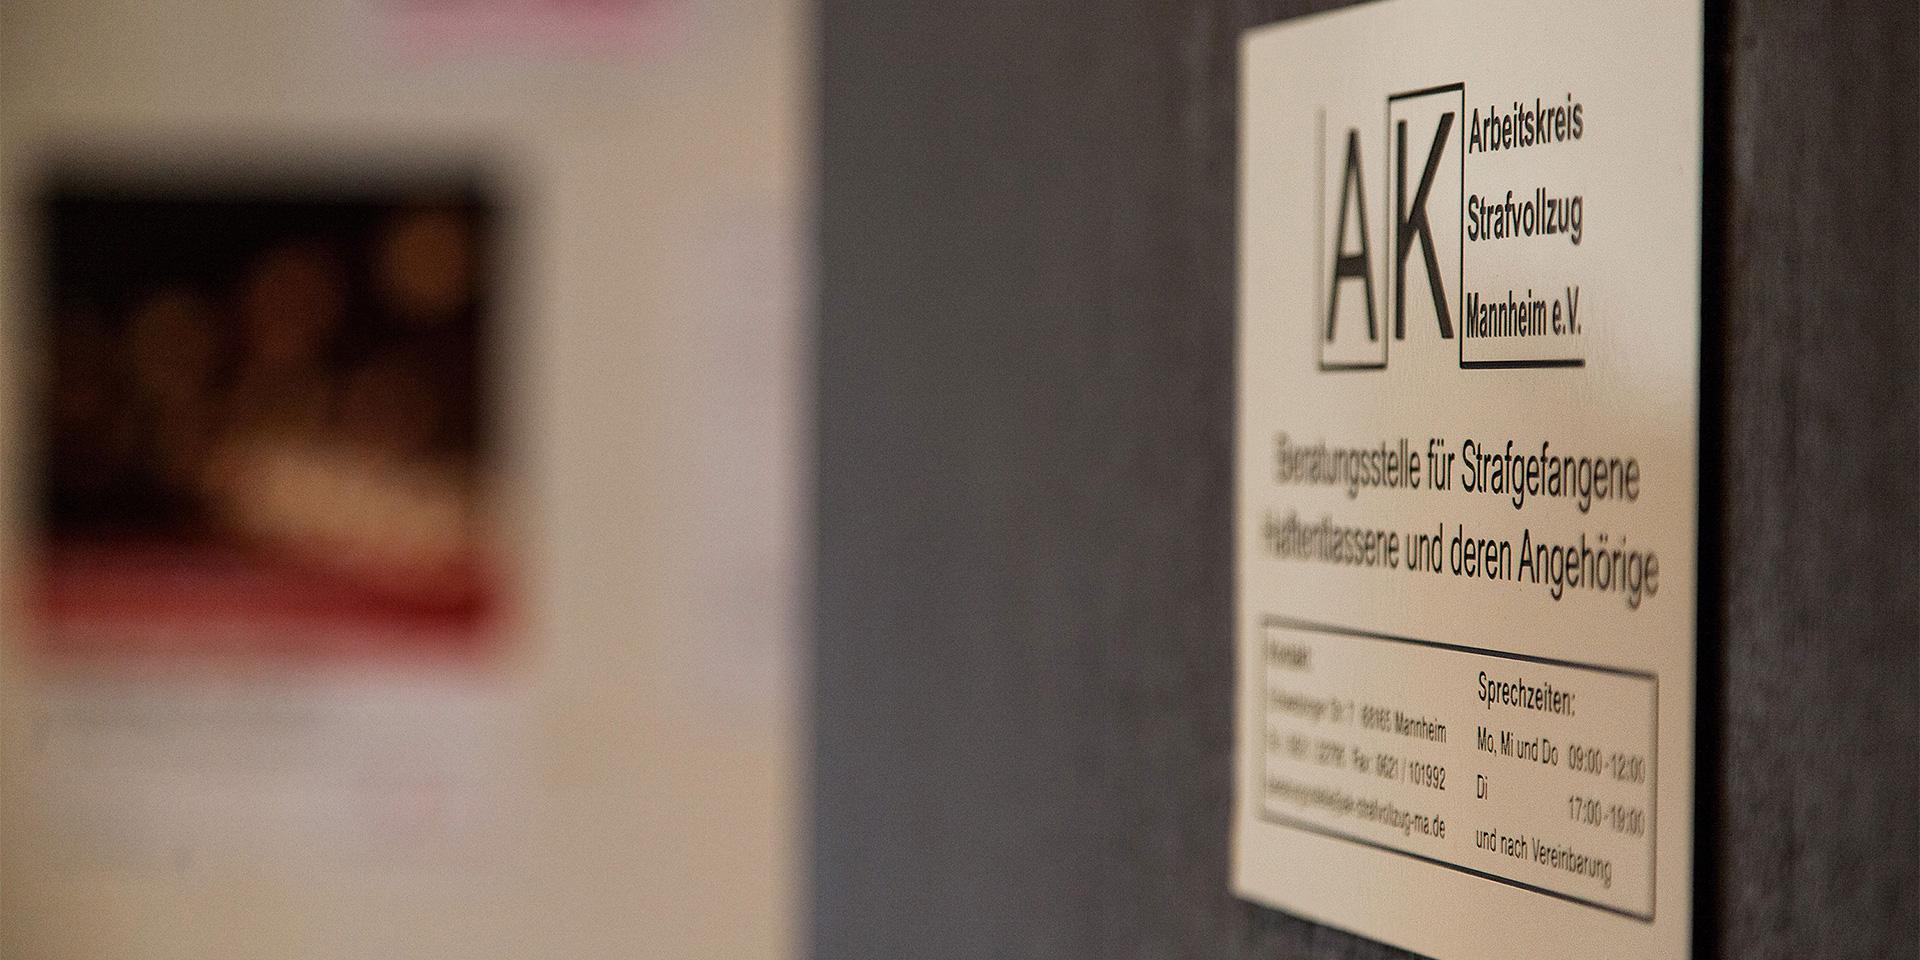 AK - Wer wir sind